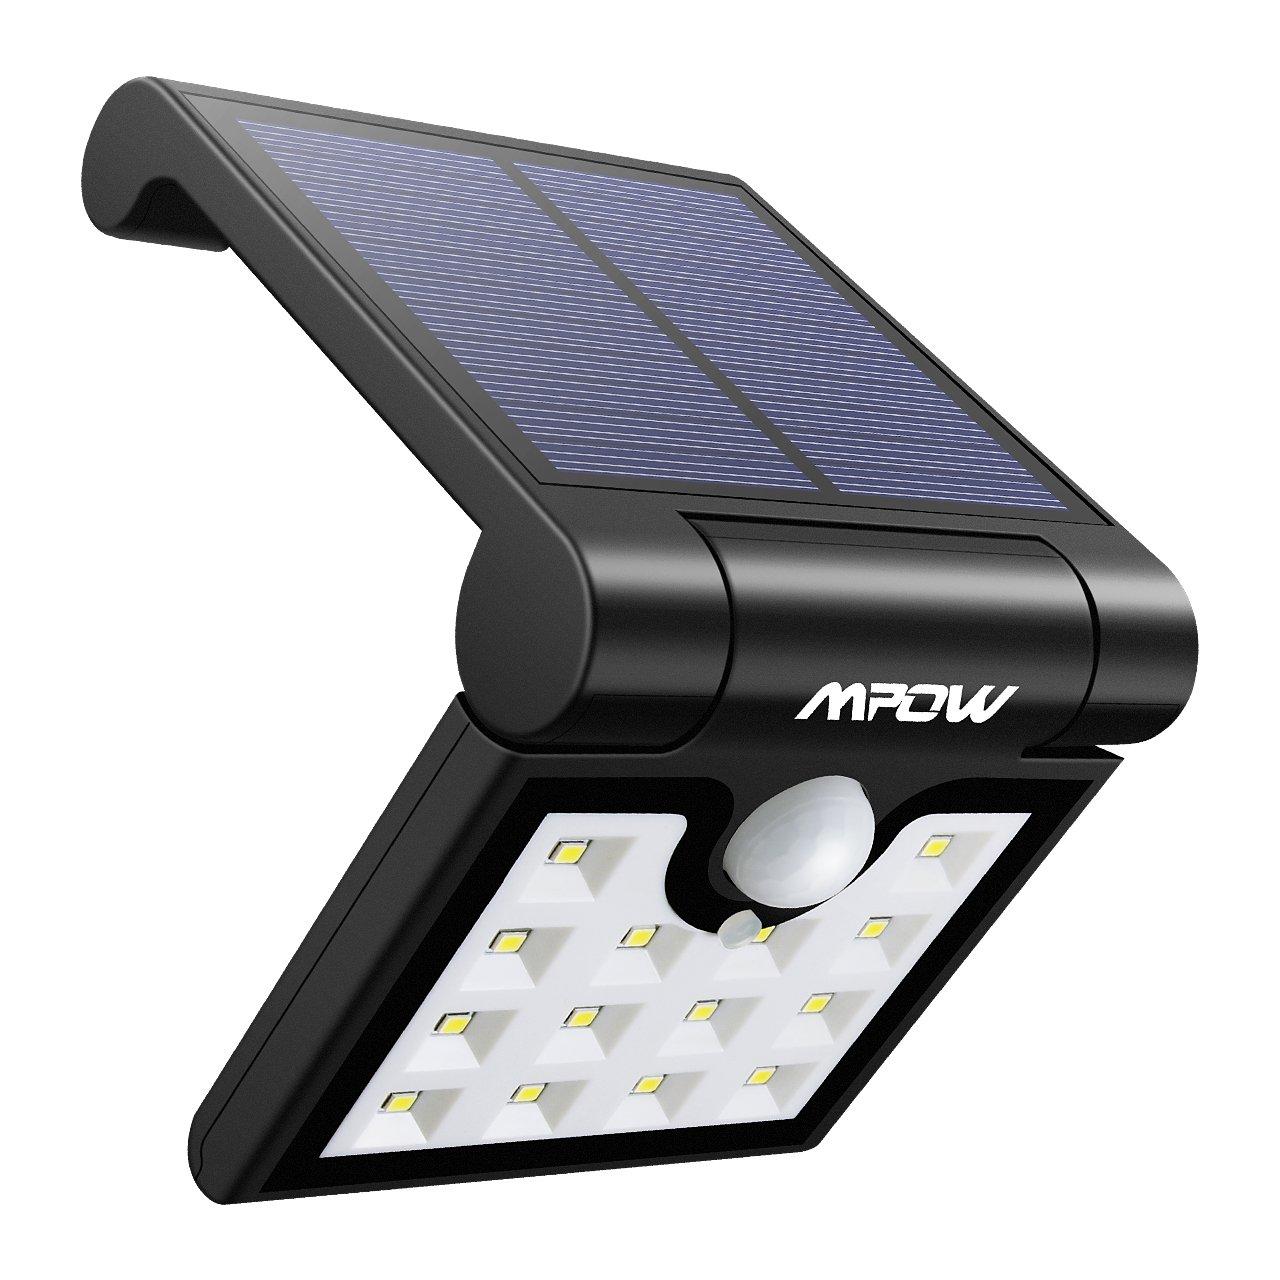 【Conception Pliable】Mpow 14 LED Lampe Solaire Extérieur Portable Etanche avec Détecteur de Mouvement LED Solaire Extérieur pour Jardin, Patio, Escalier, Allée, Garage et Camping LP-FR-BA921DCPM